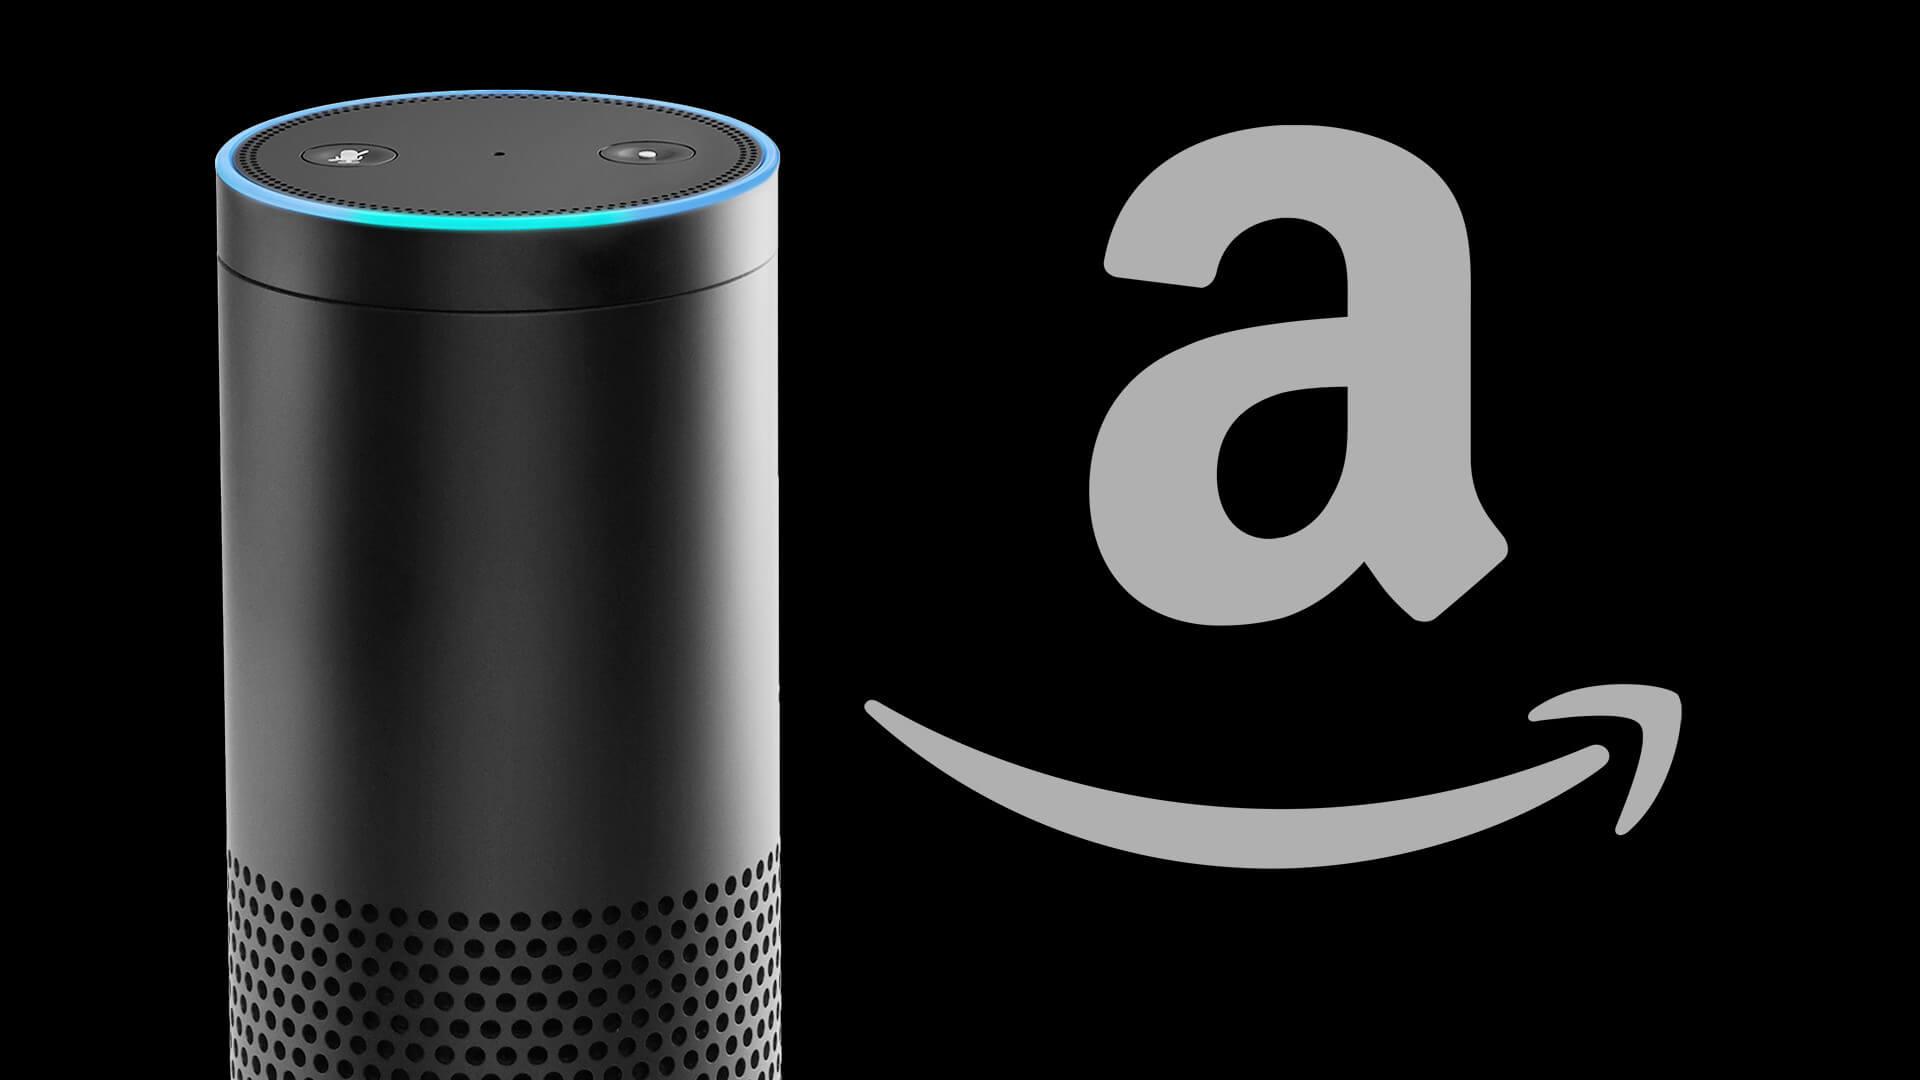 Amazon Echo ahora ofrece búsqueda local con ayuda de Yelp